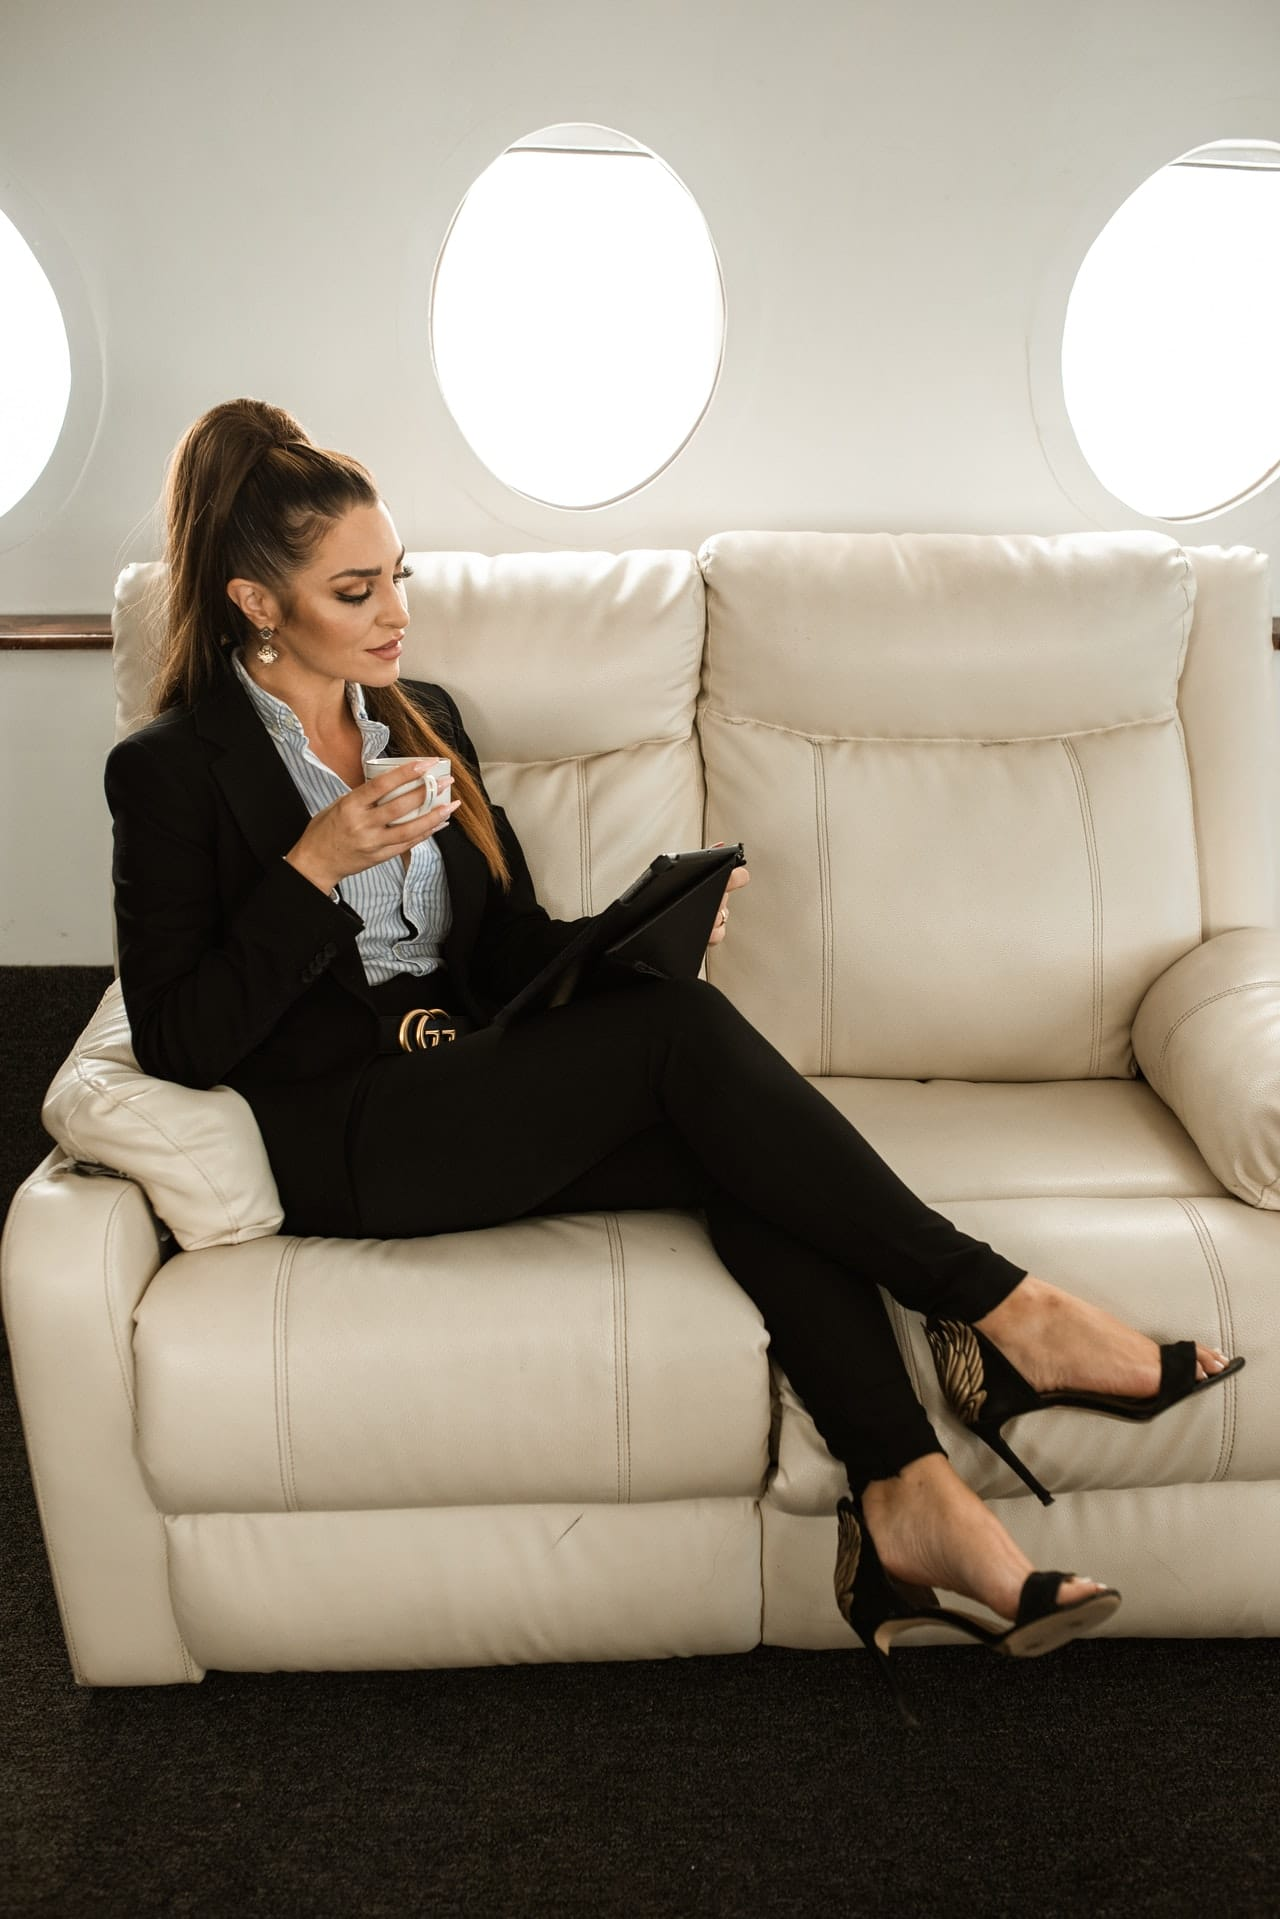 Combien coute un voyage en jet privé 23